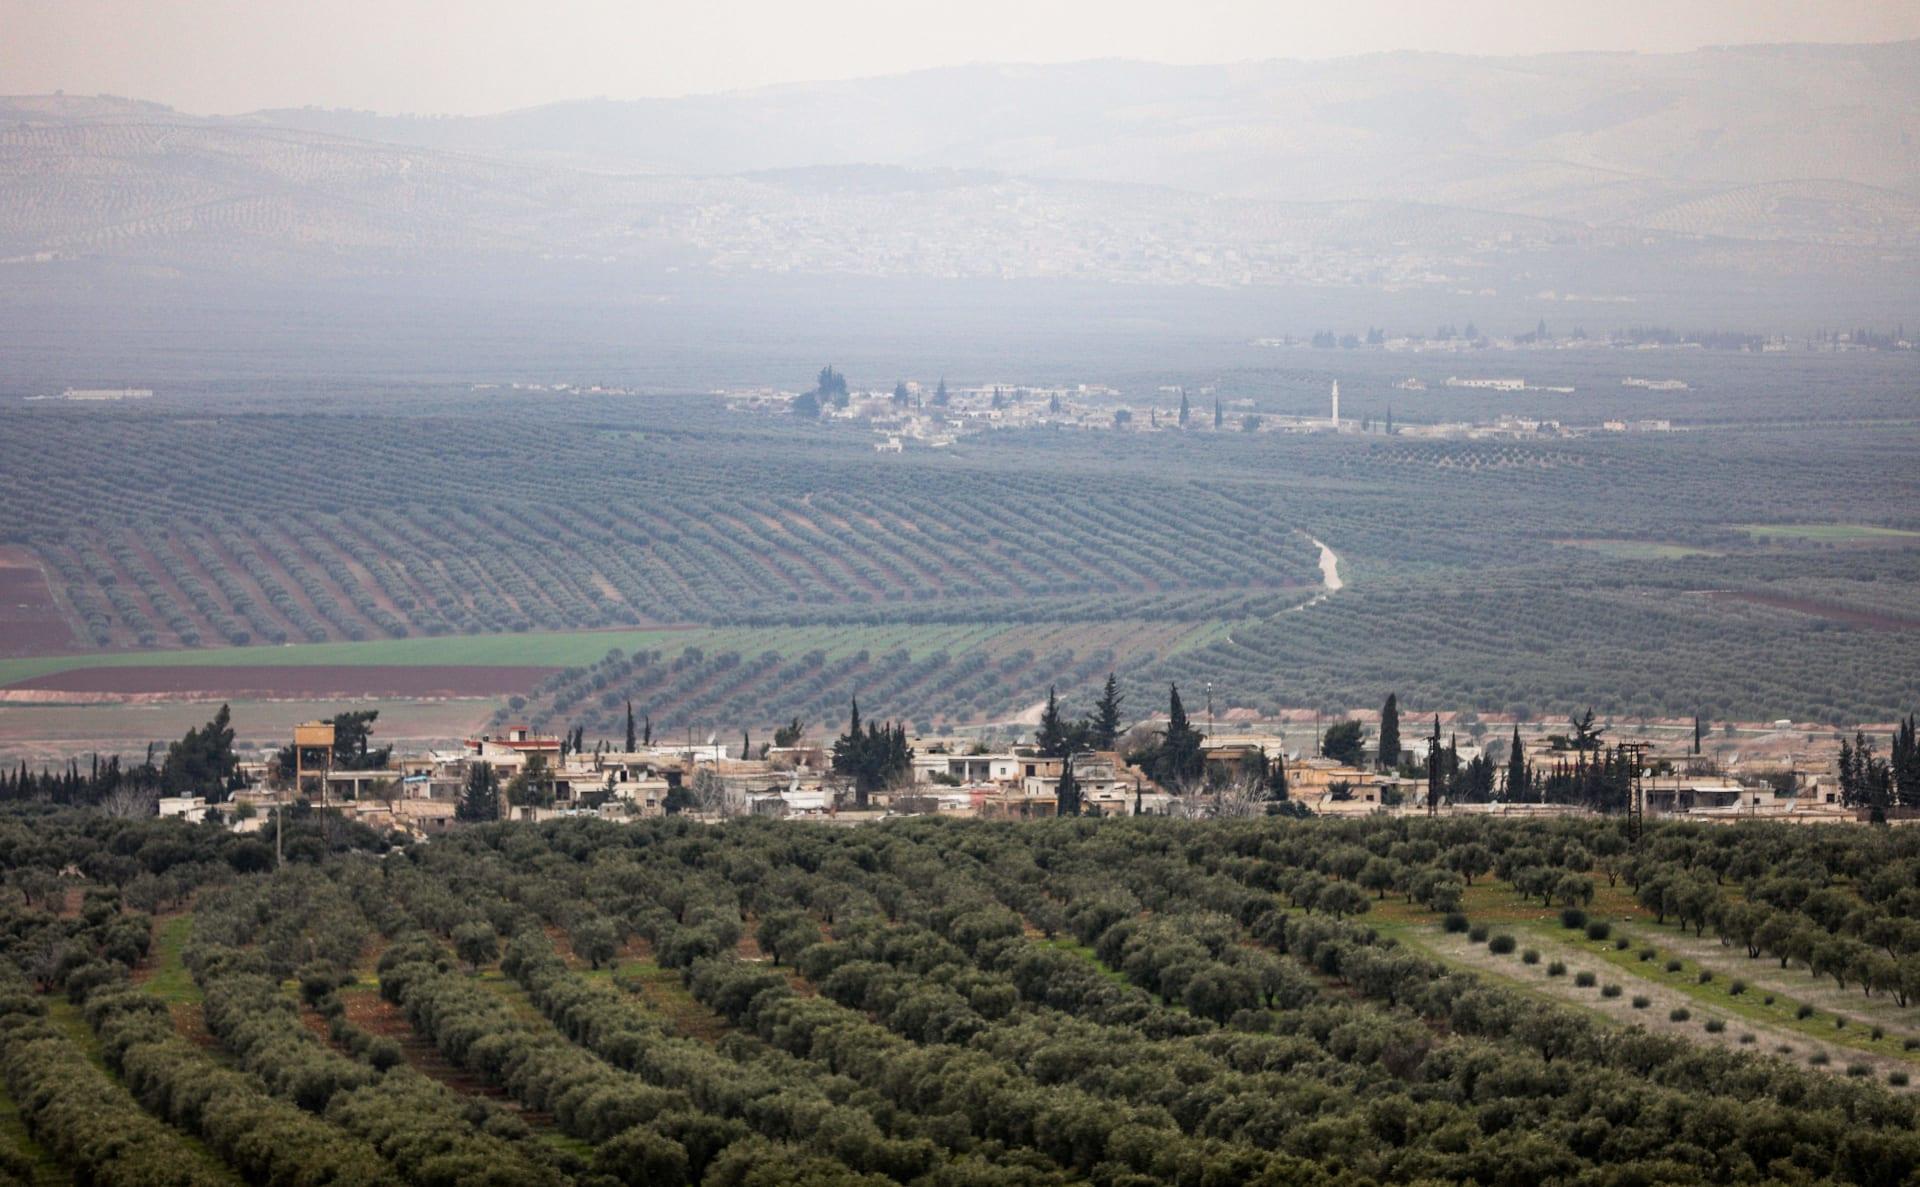 التلفزيون السوري: وصول القوات الشعبية لعفرين خلال ساعات